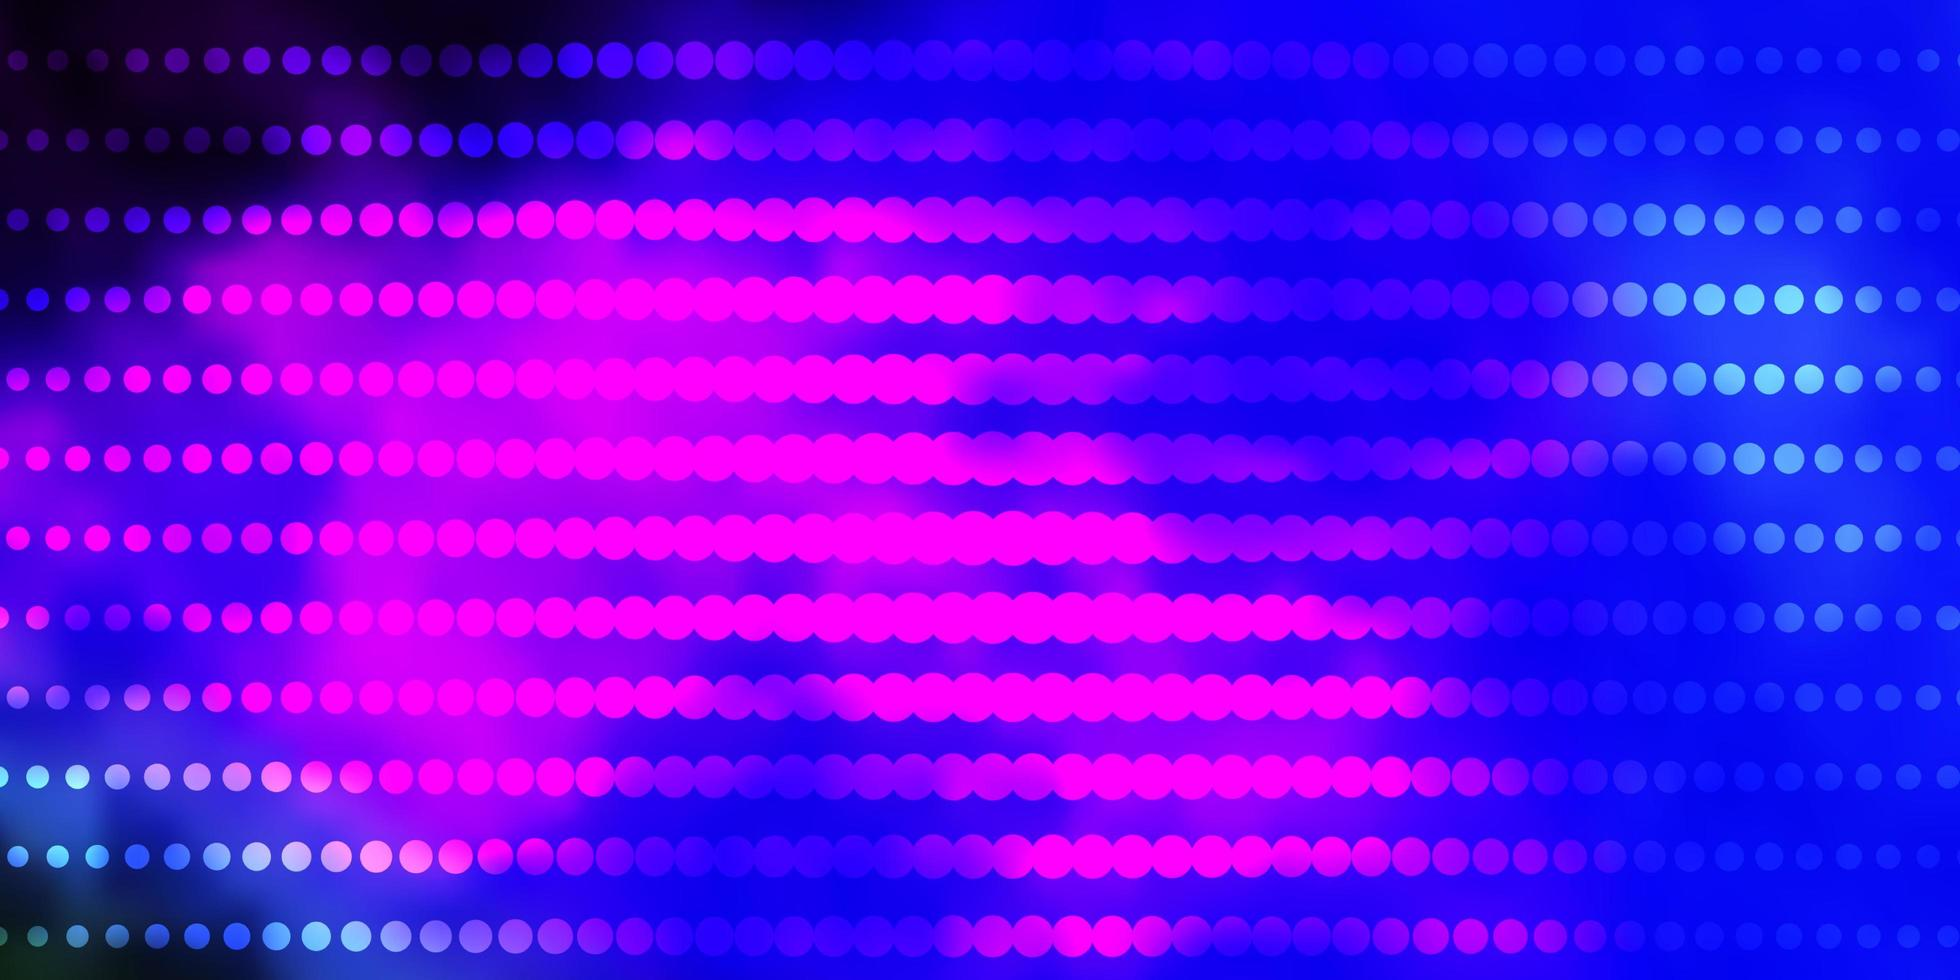 modelo de vetor multicolor escuro com círculos.